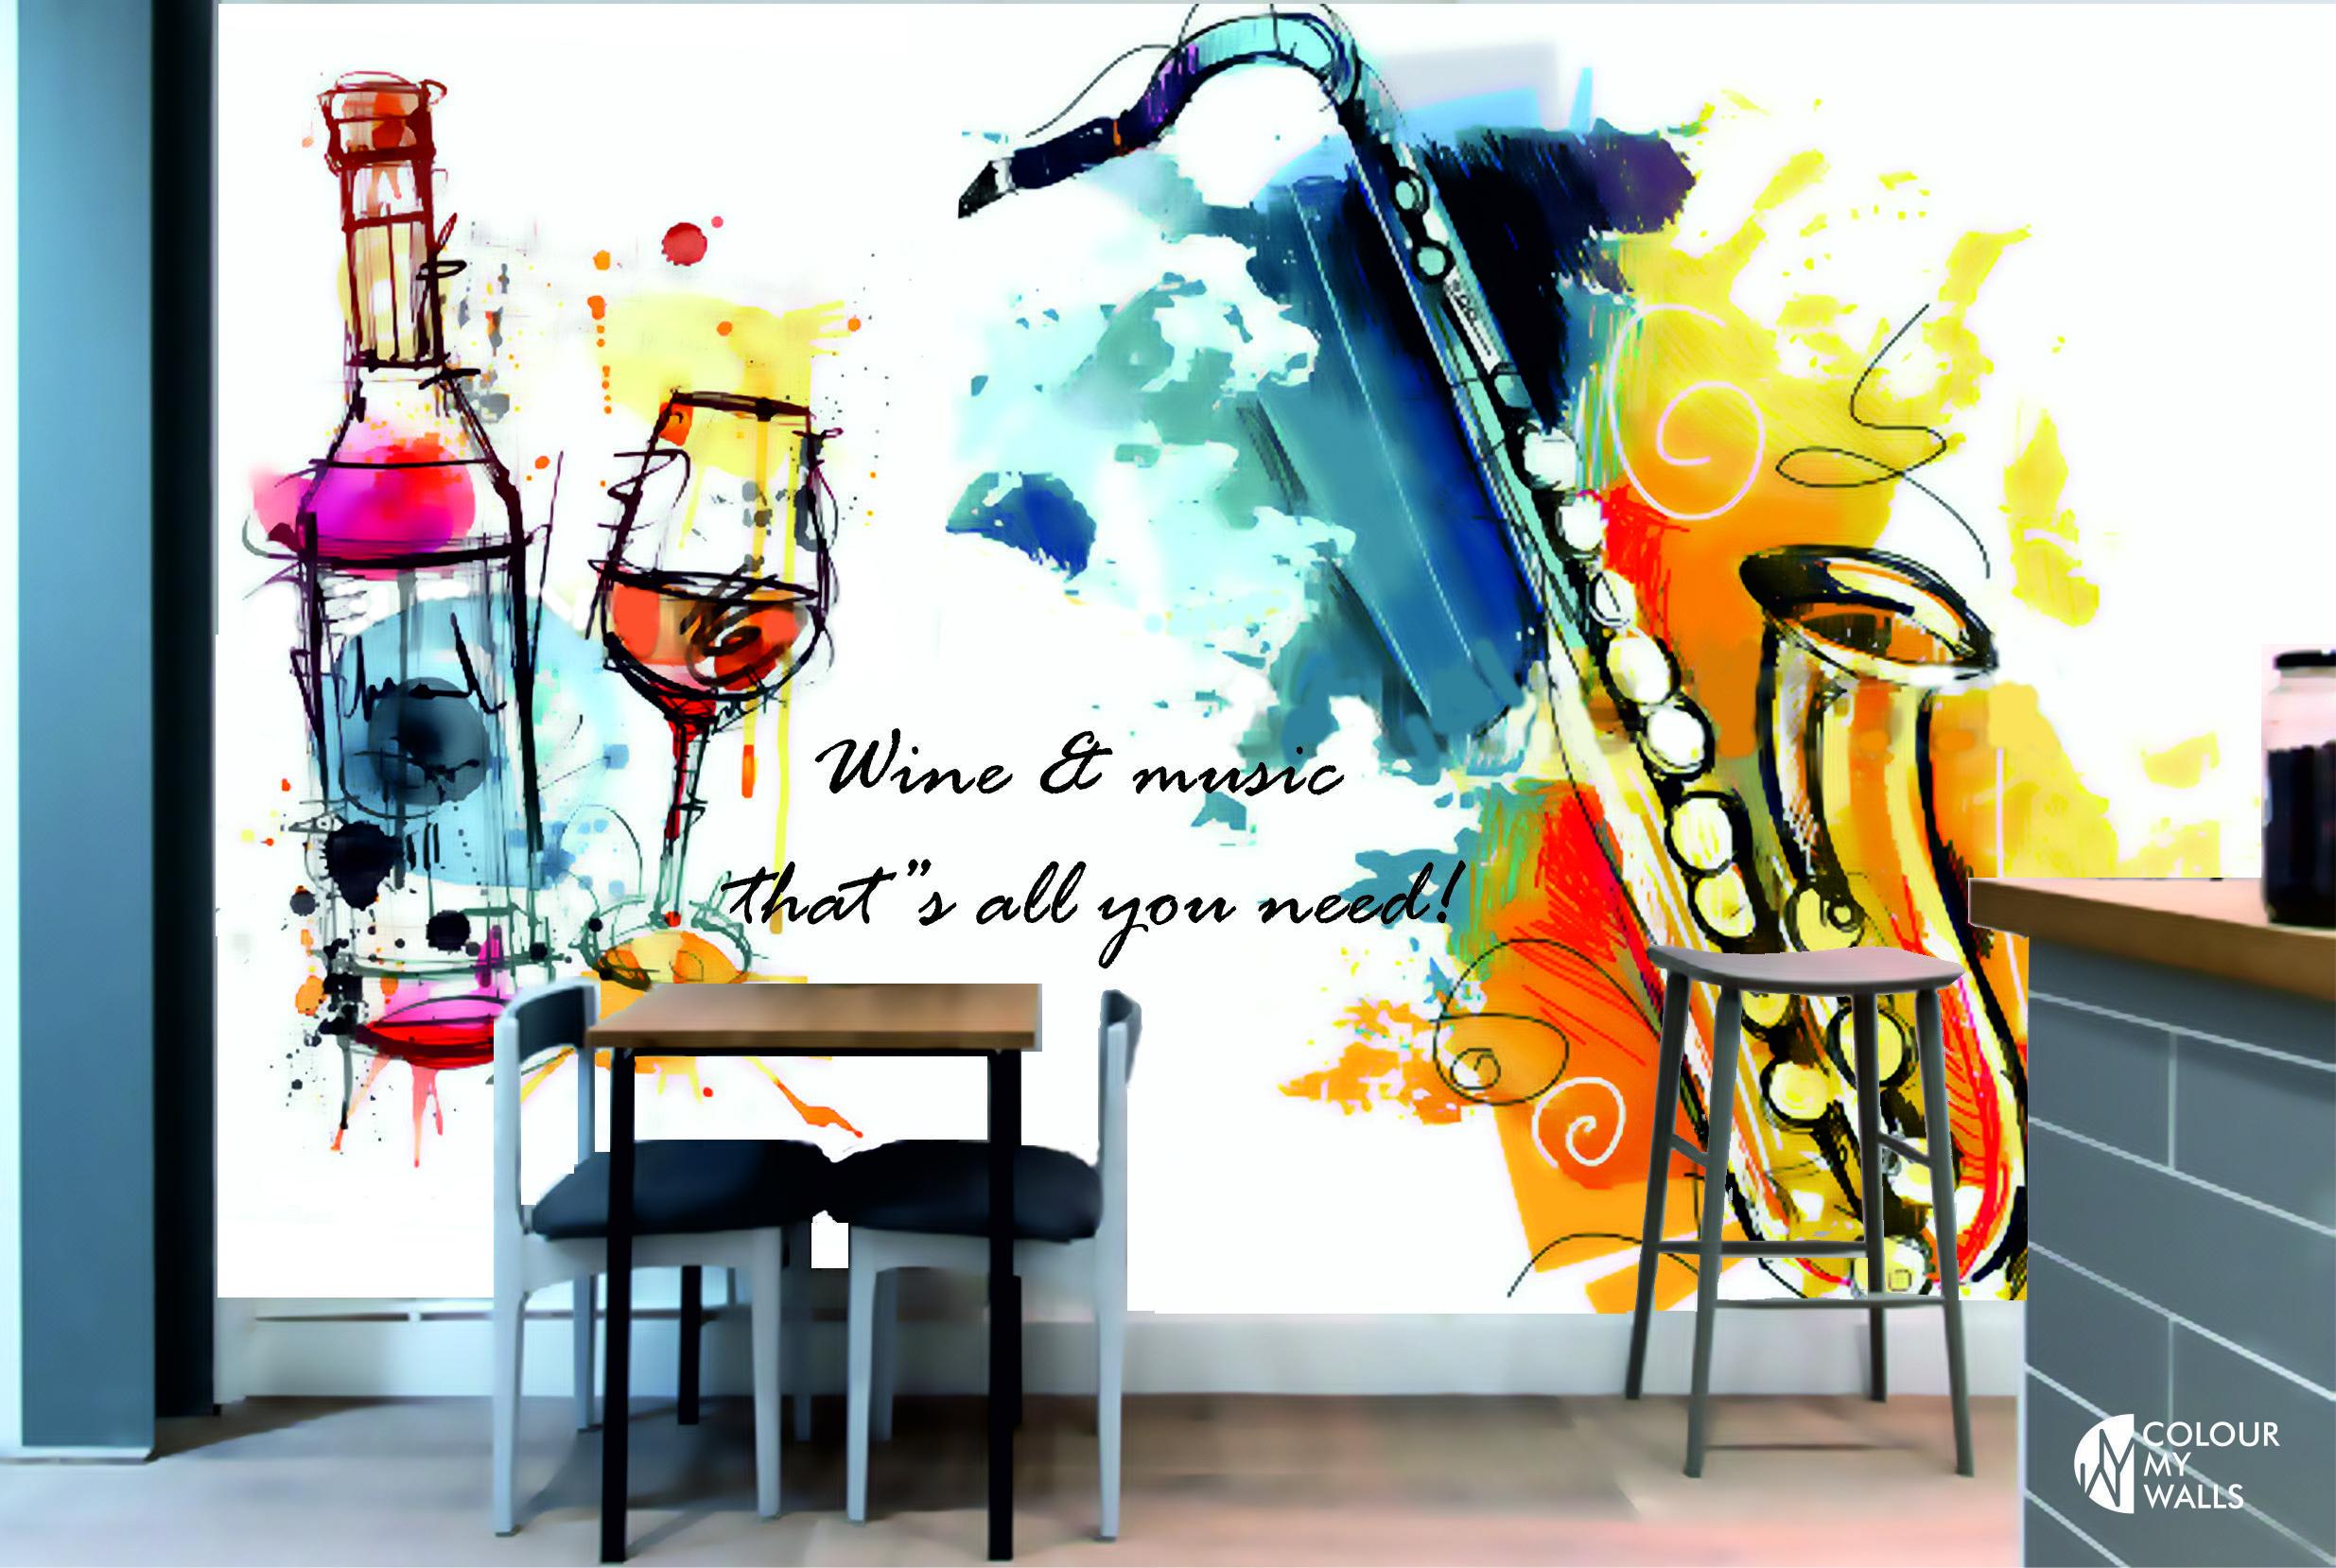 decorative murals idea restaurant bar pub by COLOUR MY WALLS ...